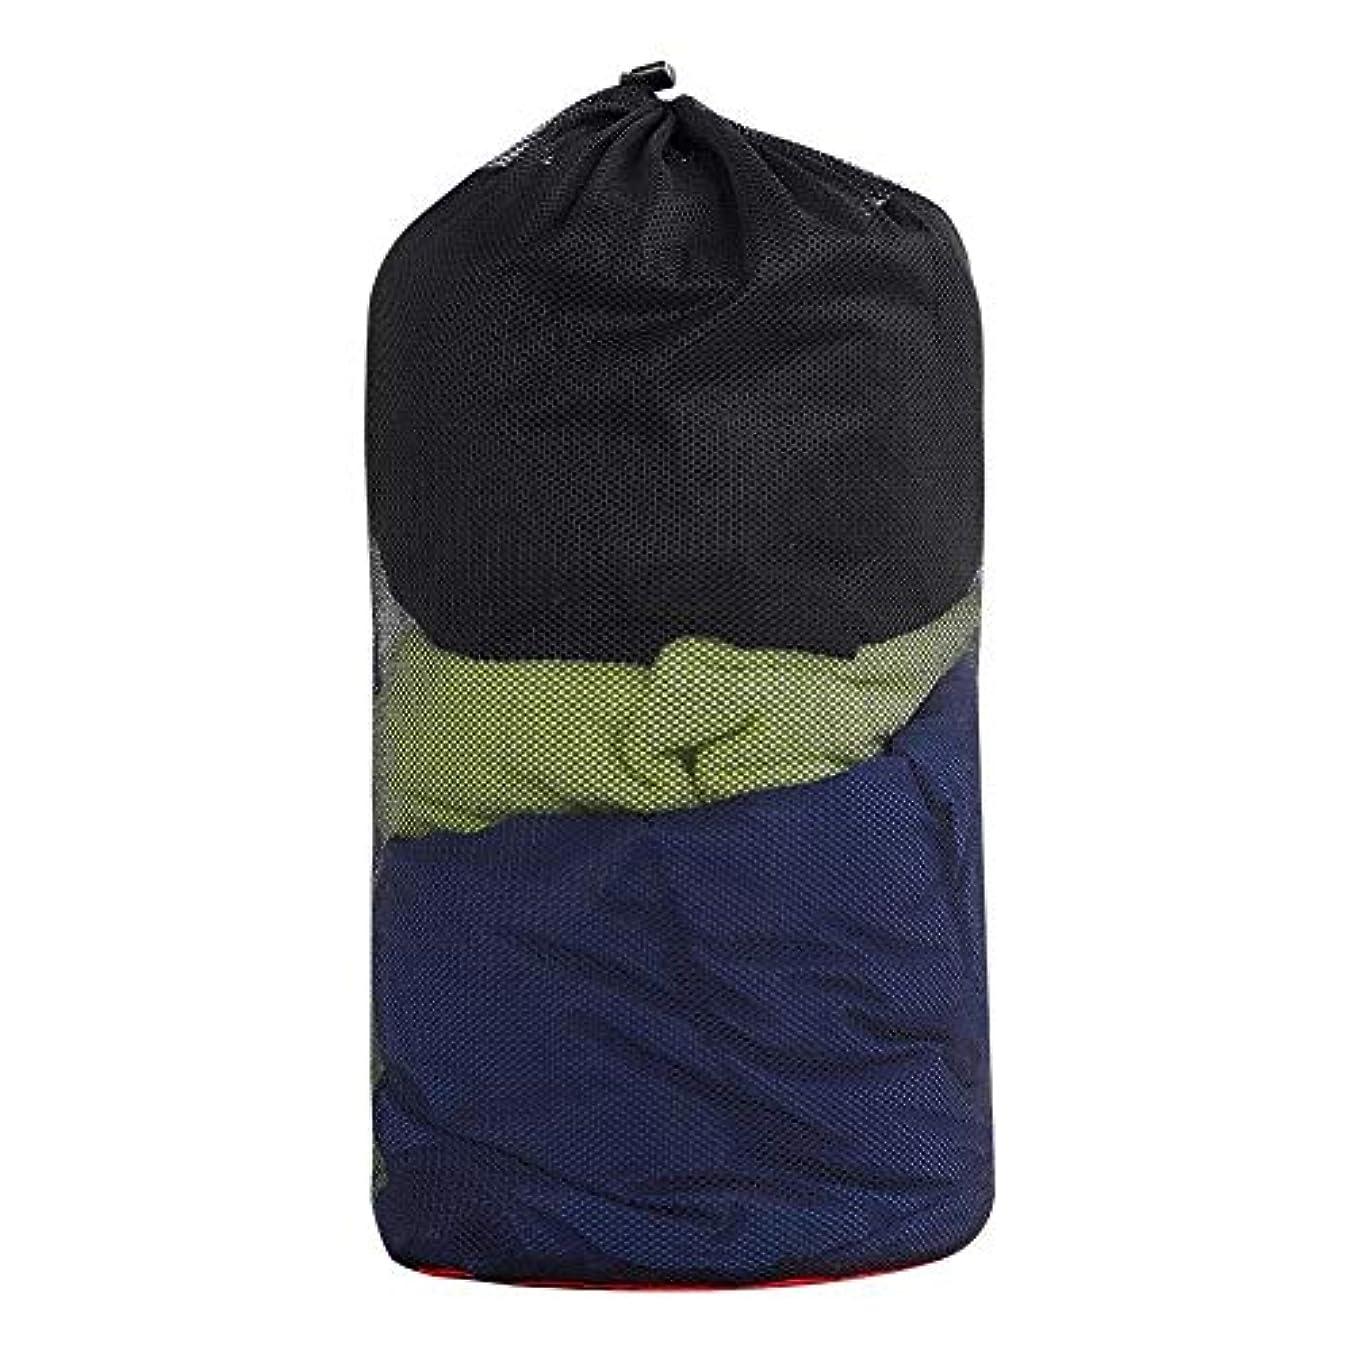 ソビエト改修嵐圧縮袋 Vobar コンプレッションバッグ 寝袋用 圧縮袋 ナイロン製 軽量 圧縮バッグ 収納袋 スタッフバッグ ケース 耐摩耗 衣類が収納可能 防水 キャンプハイキング アウトドア用 大容量